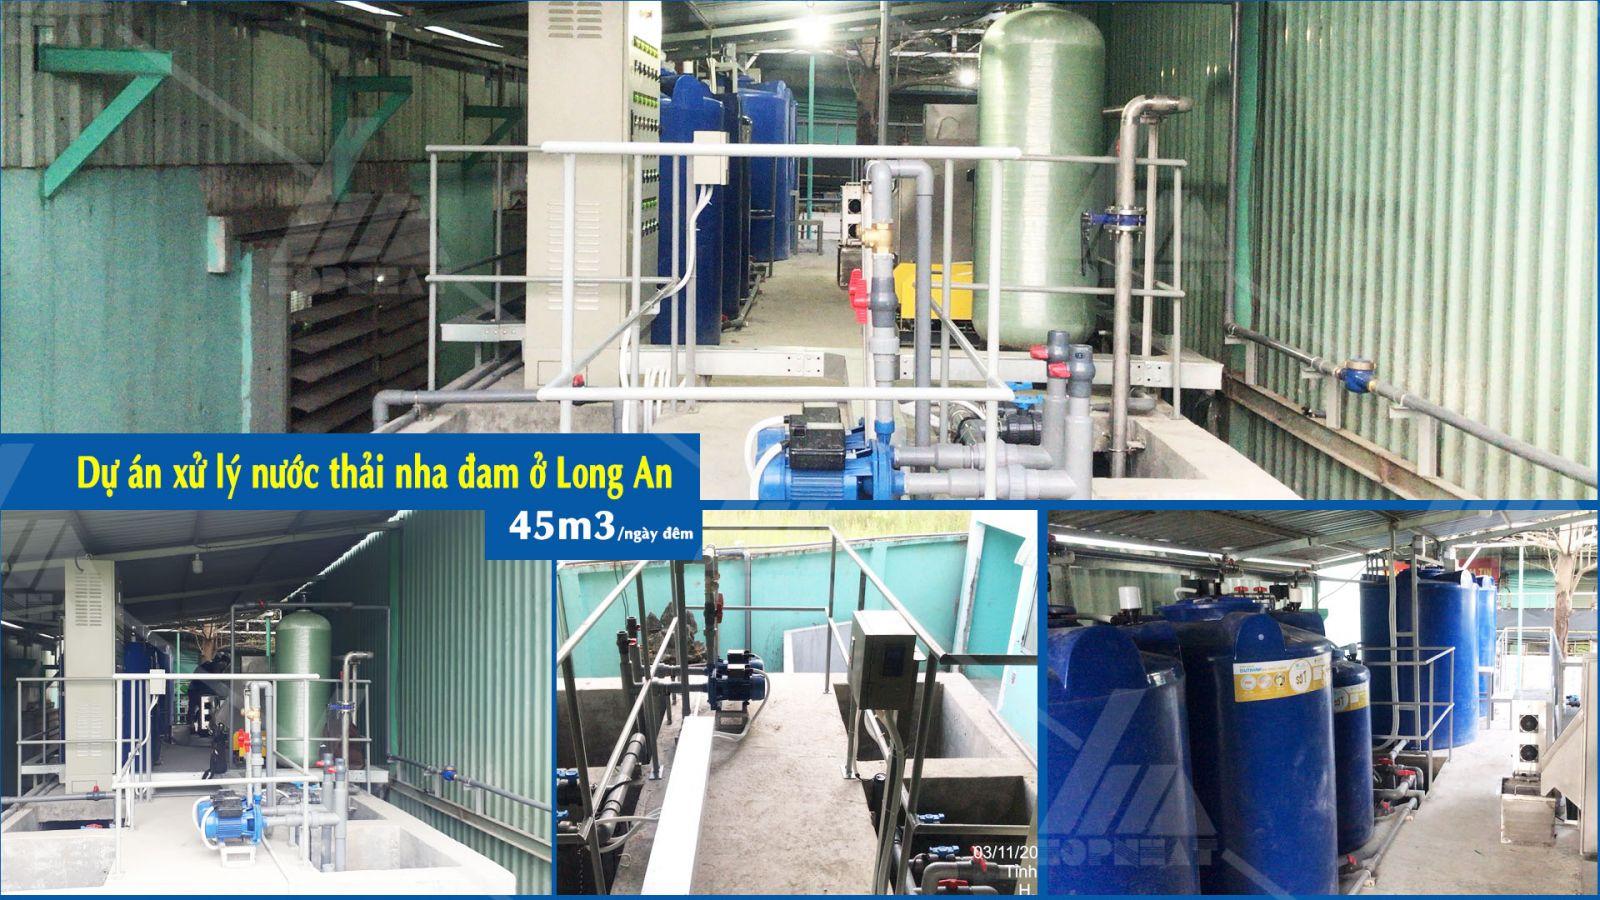 Dự án xử lý nước thải nha đam ở Long An